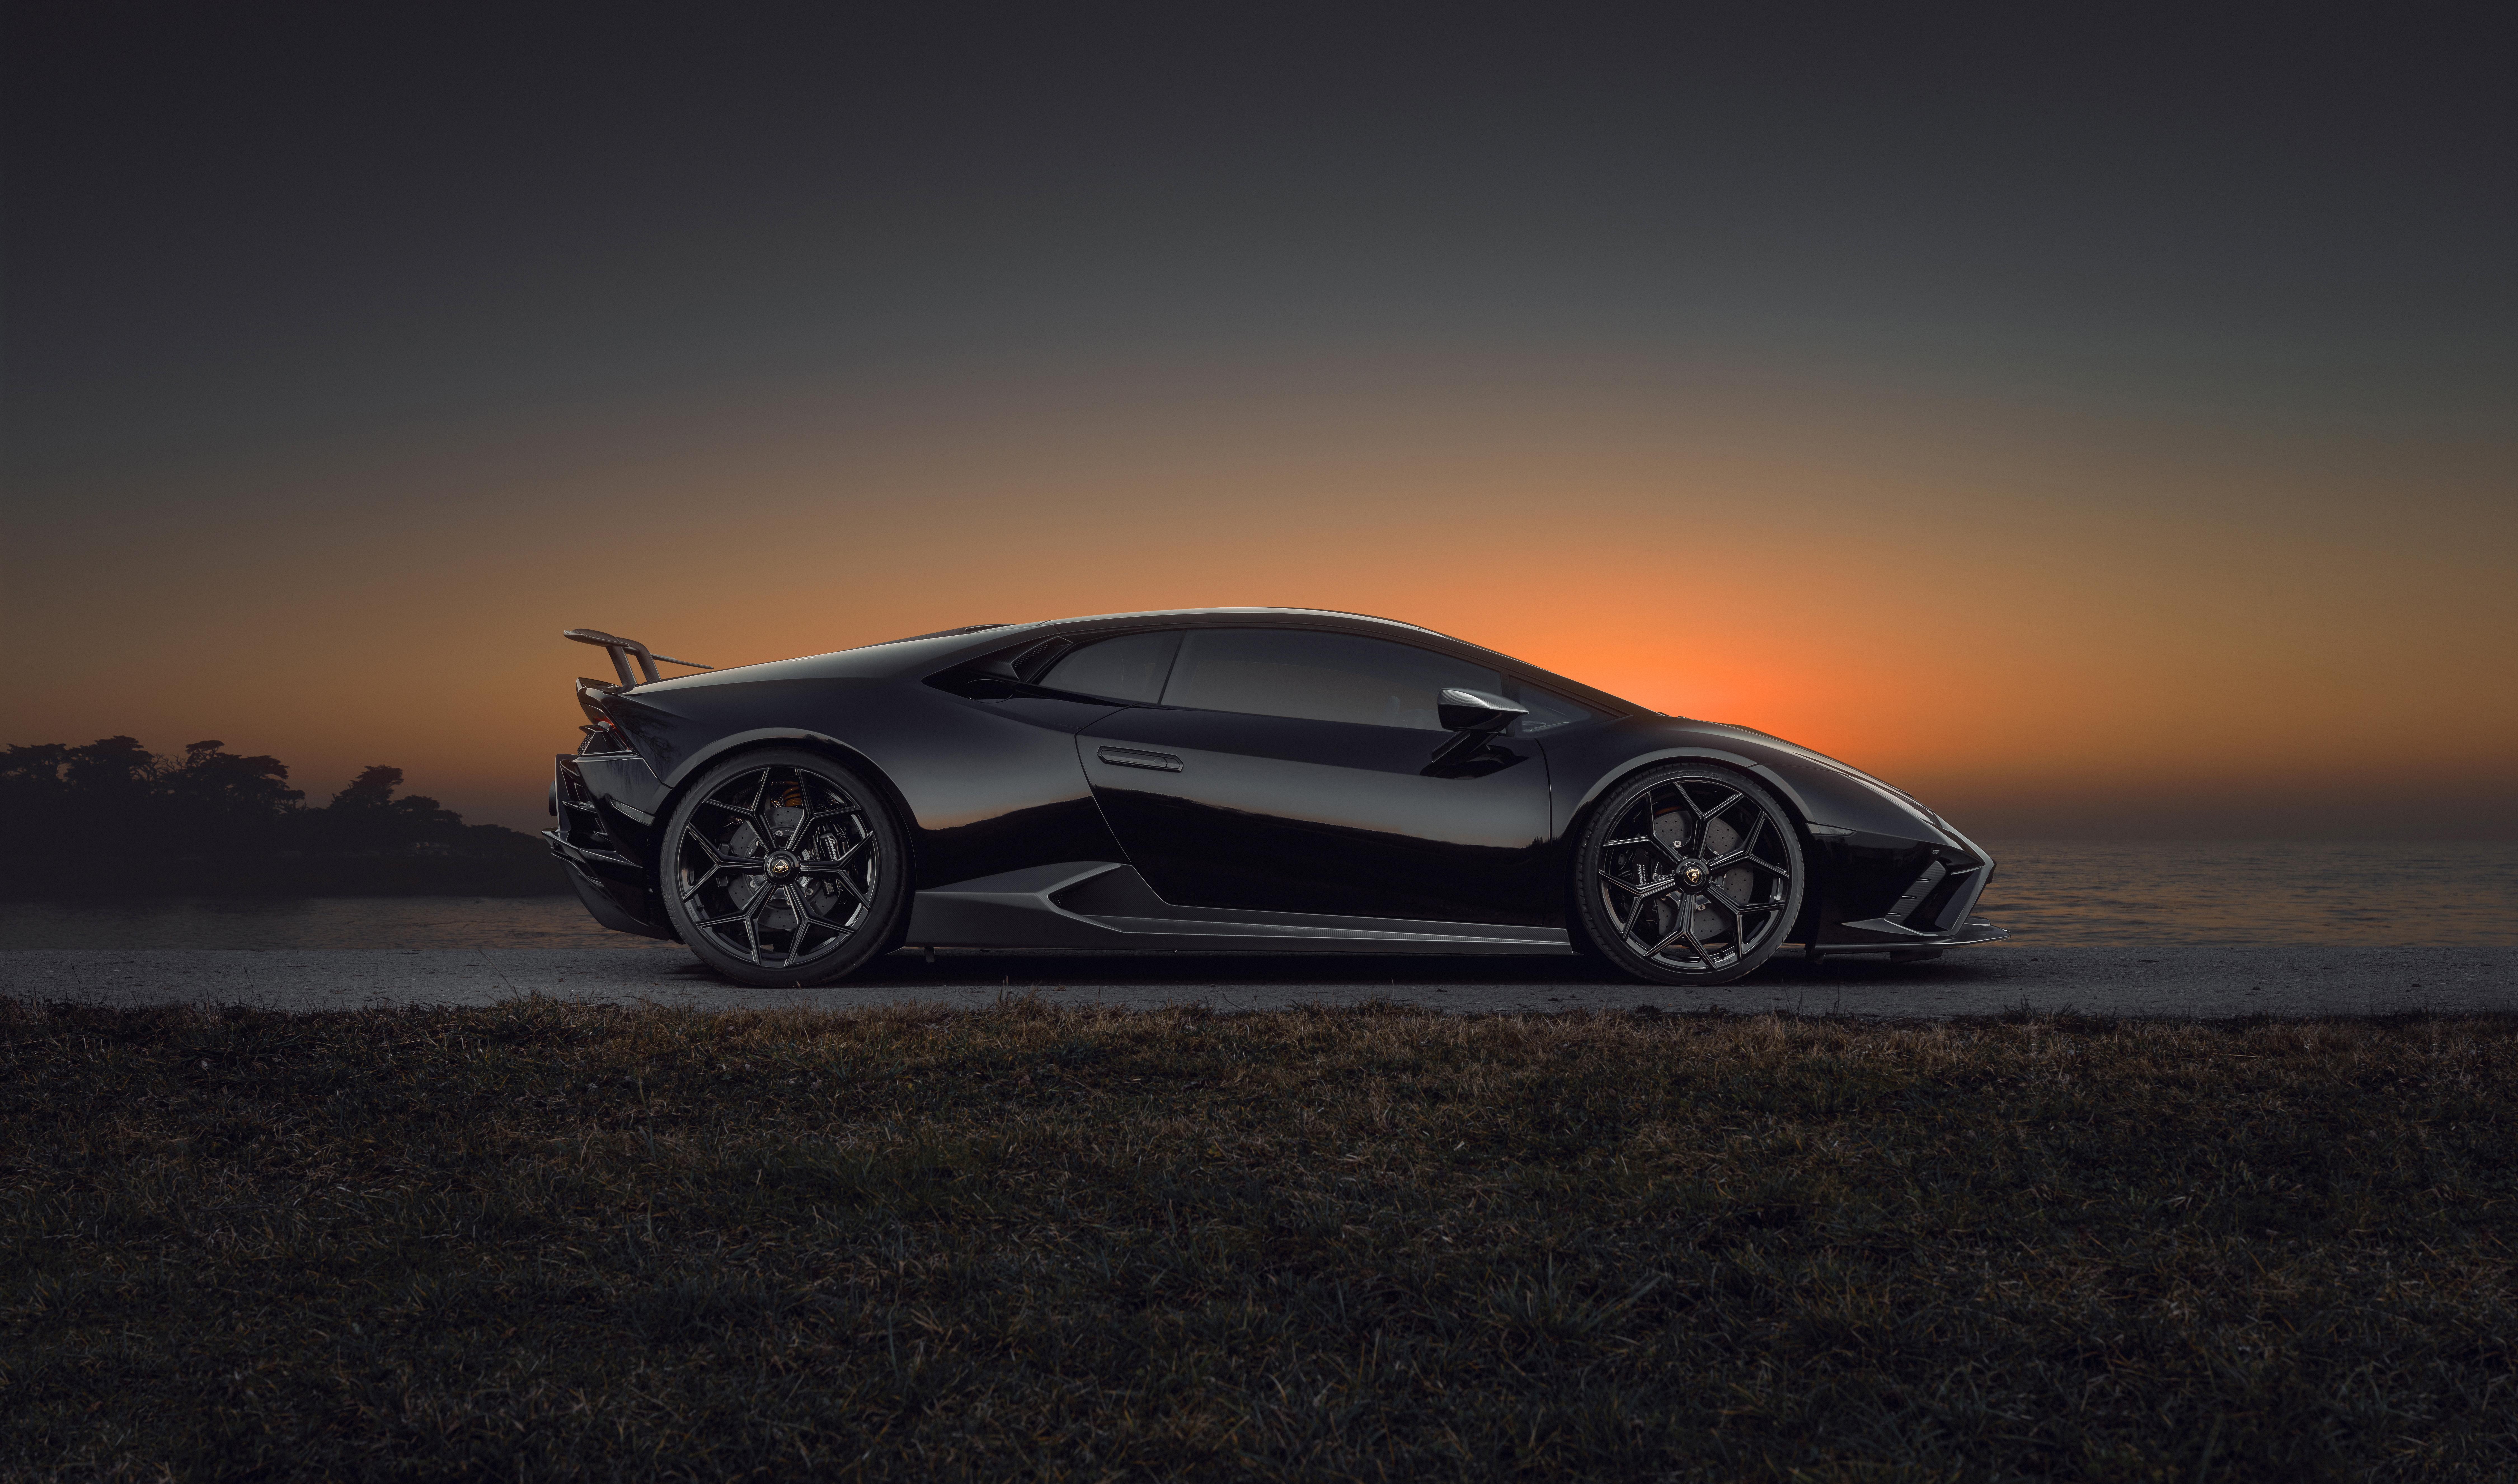 novitec lamborghini huracan evo side view 4k 1620167313 - Novitec Lamborghini Huracan Evo Side View 4k - Novitec Lamborghini Huracan Evo Side View 4k wallpapers